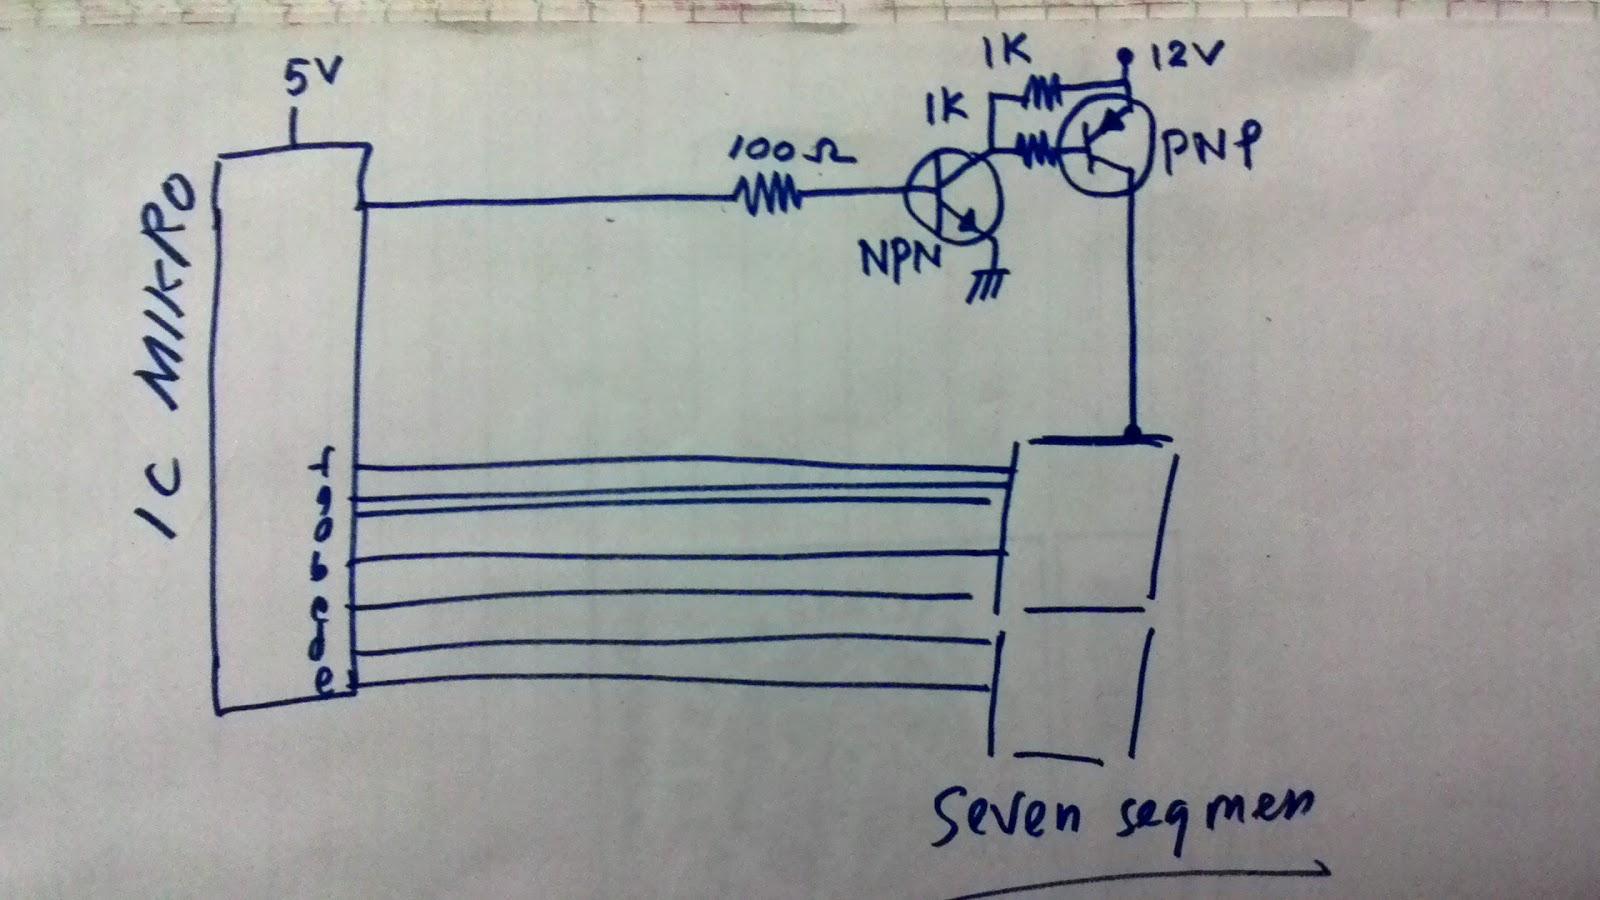 Membuat jam digital dengan seven segmen besar 9 v blog edukasi proses pembuatan jam digital dengan seven segmen gedhe ccuart Image collections